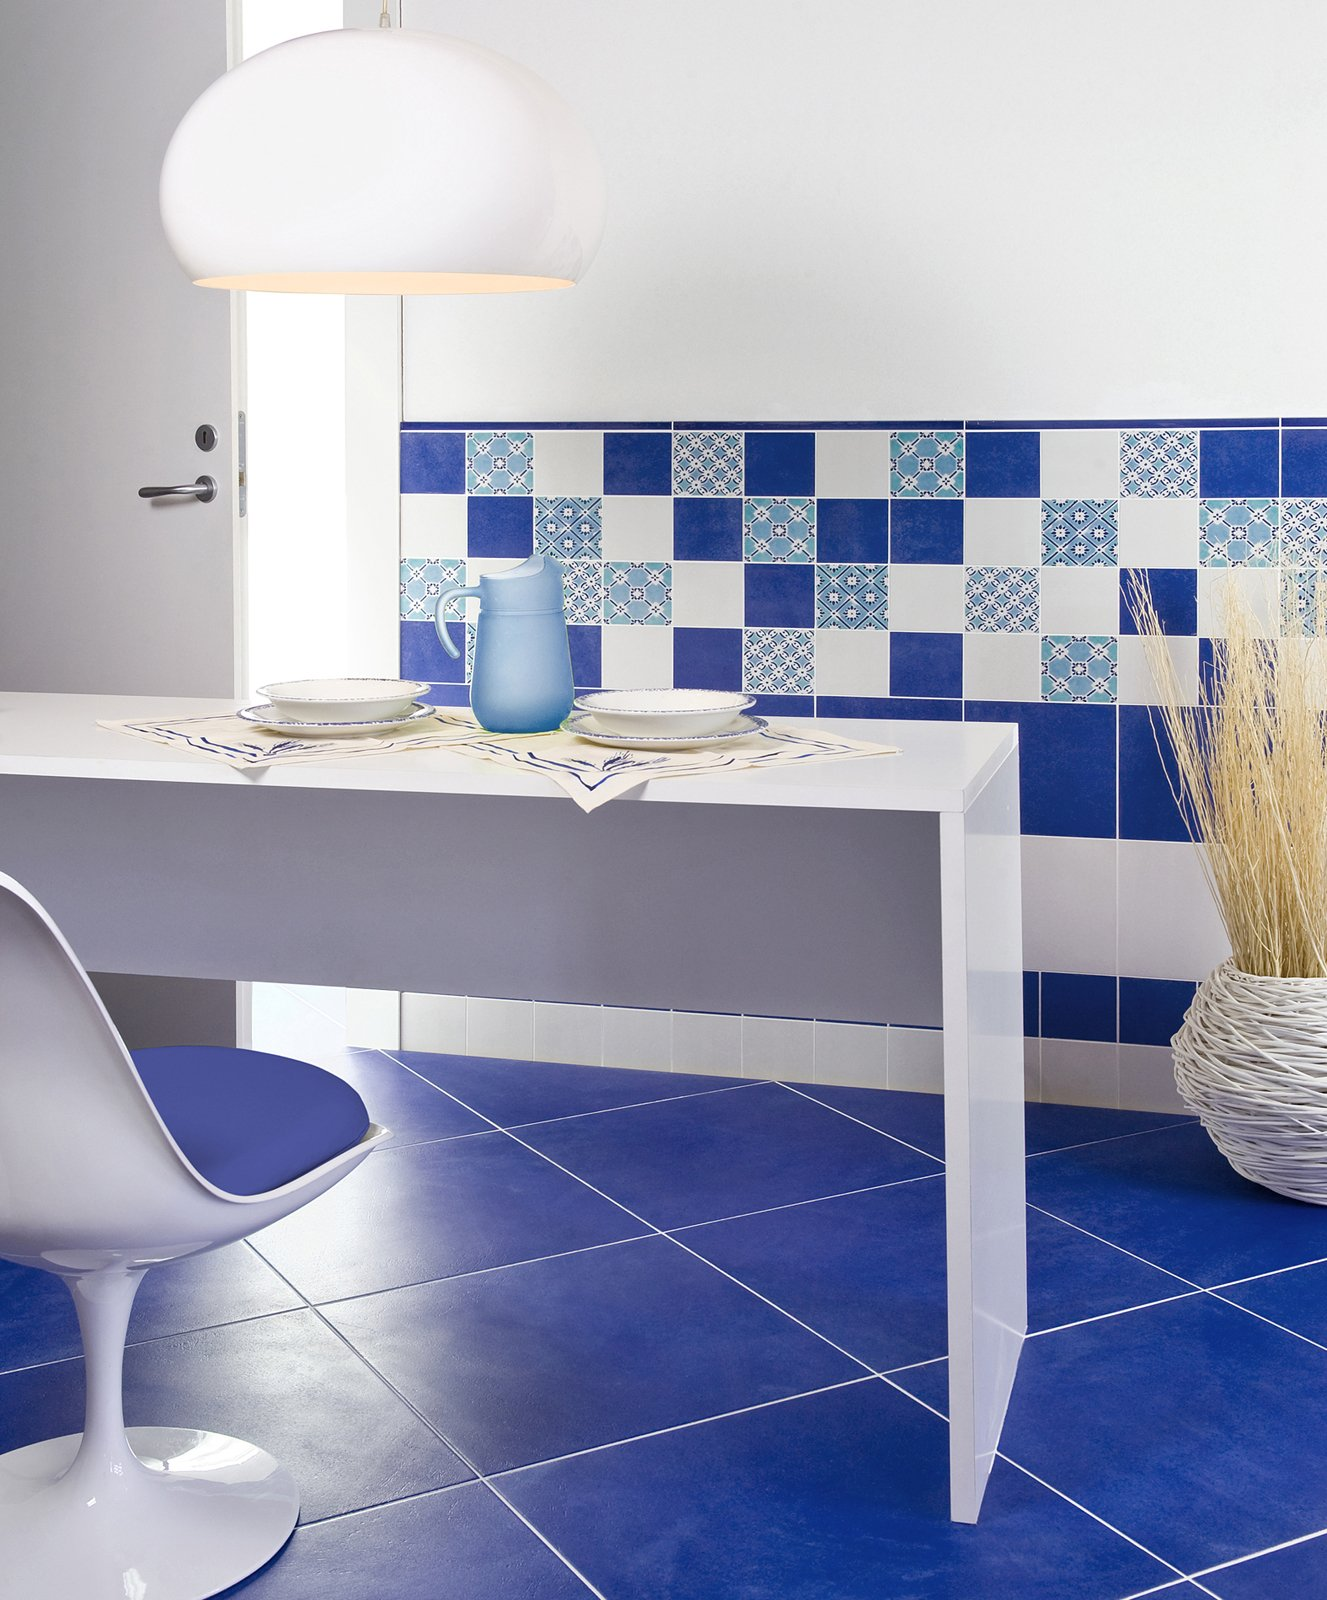 Cucina: piastrelle per le pareti - Cose di Casa